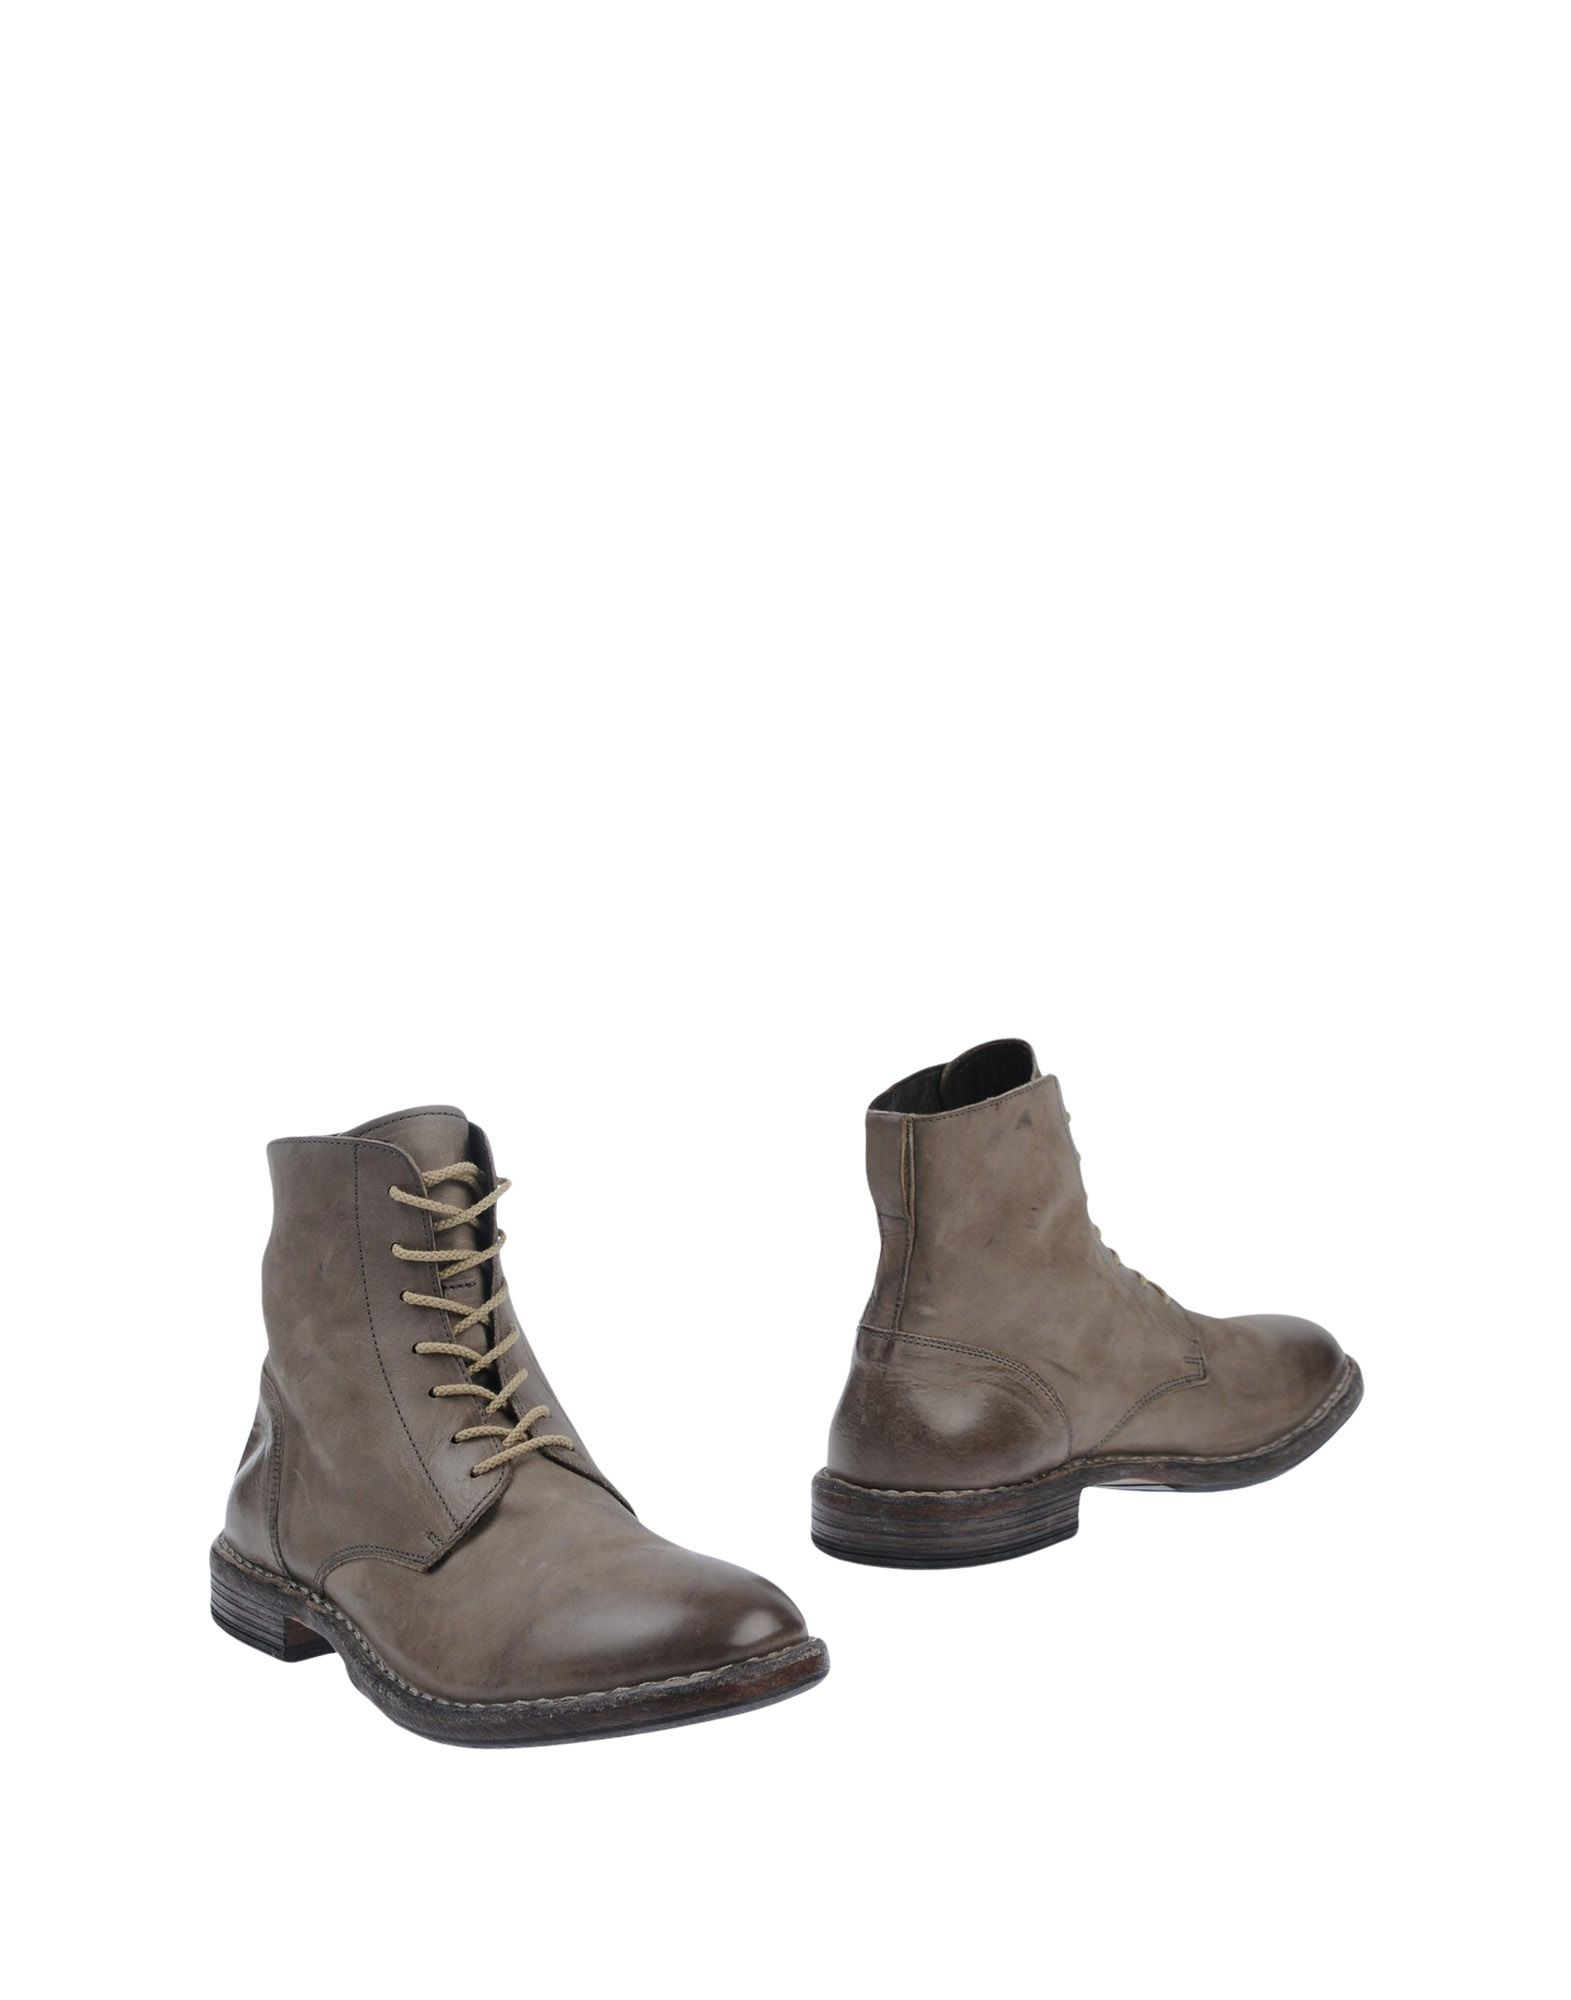 Moma Stiefelette Herren  11508831OV Gute Qualität beliebte Schuhe